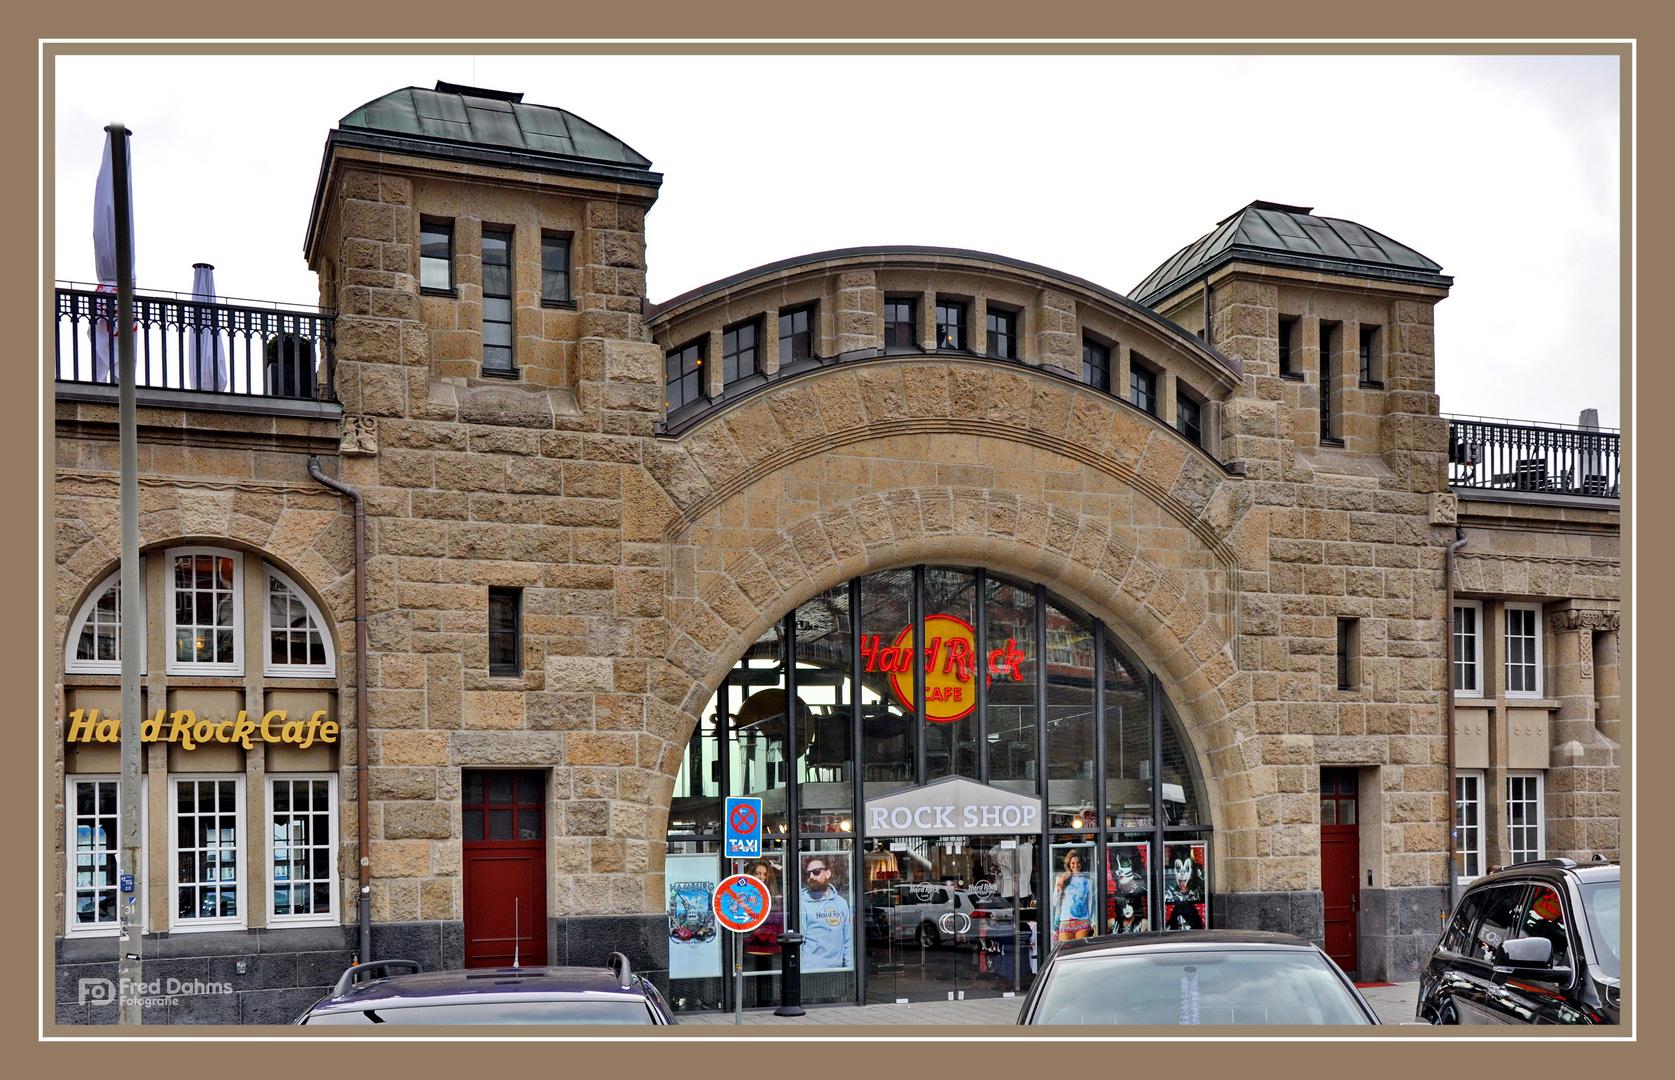 Hard Rock Cafe St. Pauli-Landungsbrücken